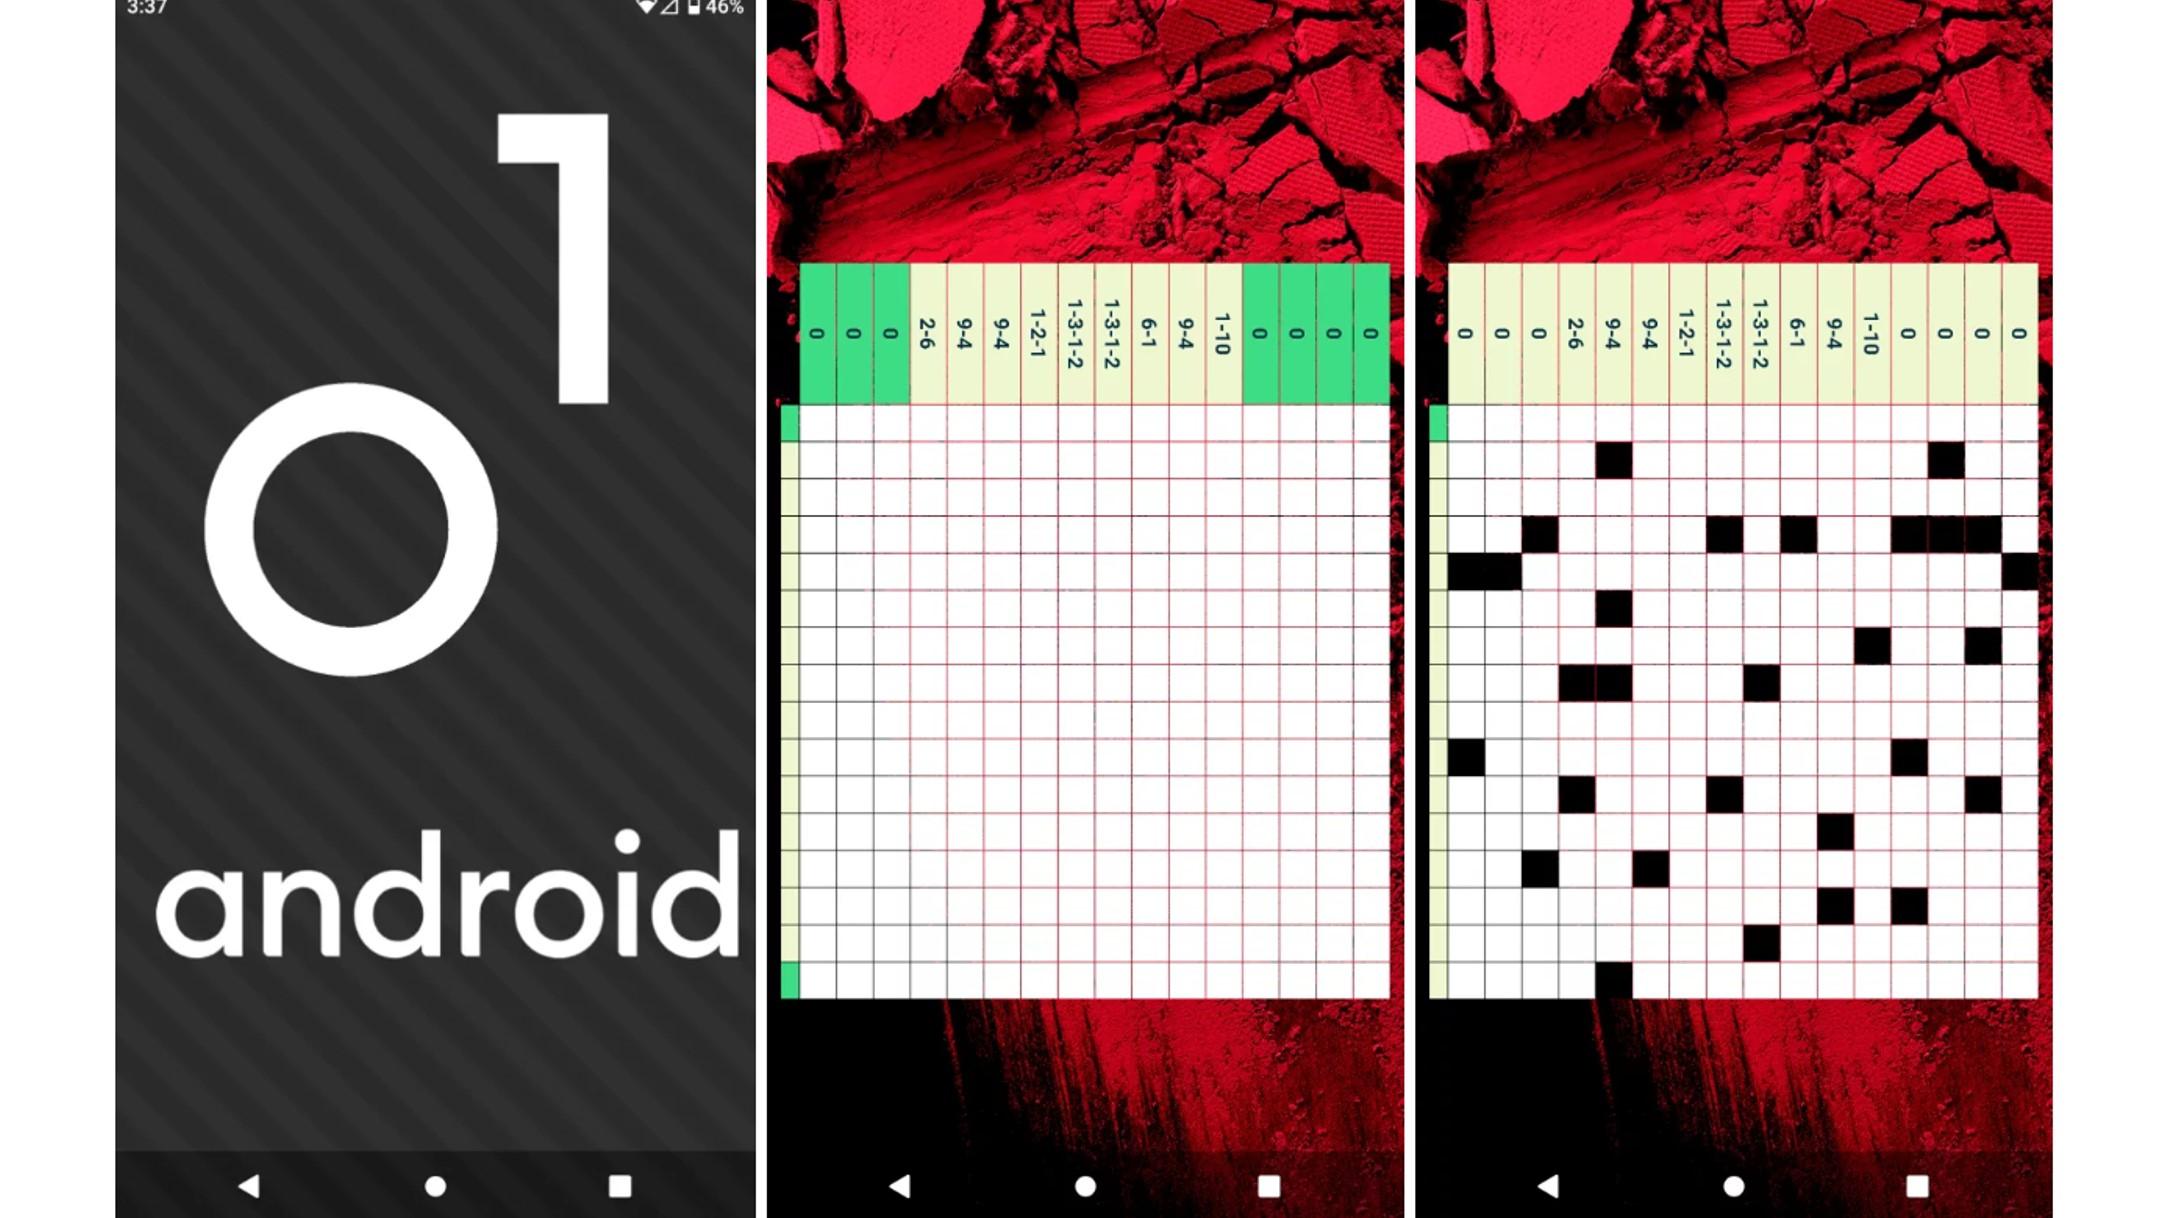 Android Q 10のイースターエッグは動く!